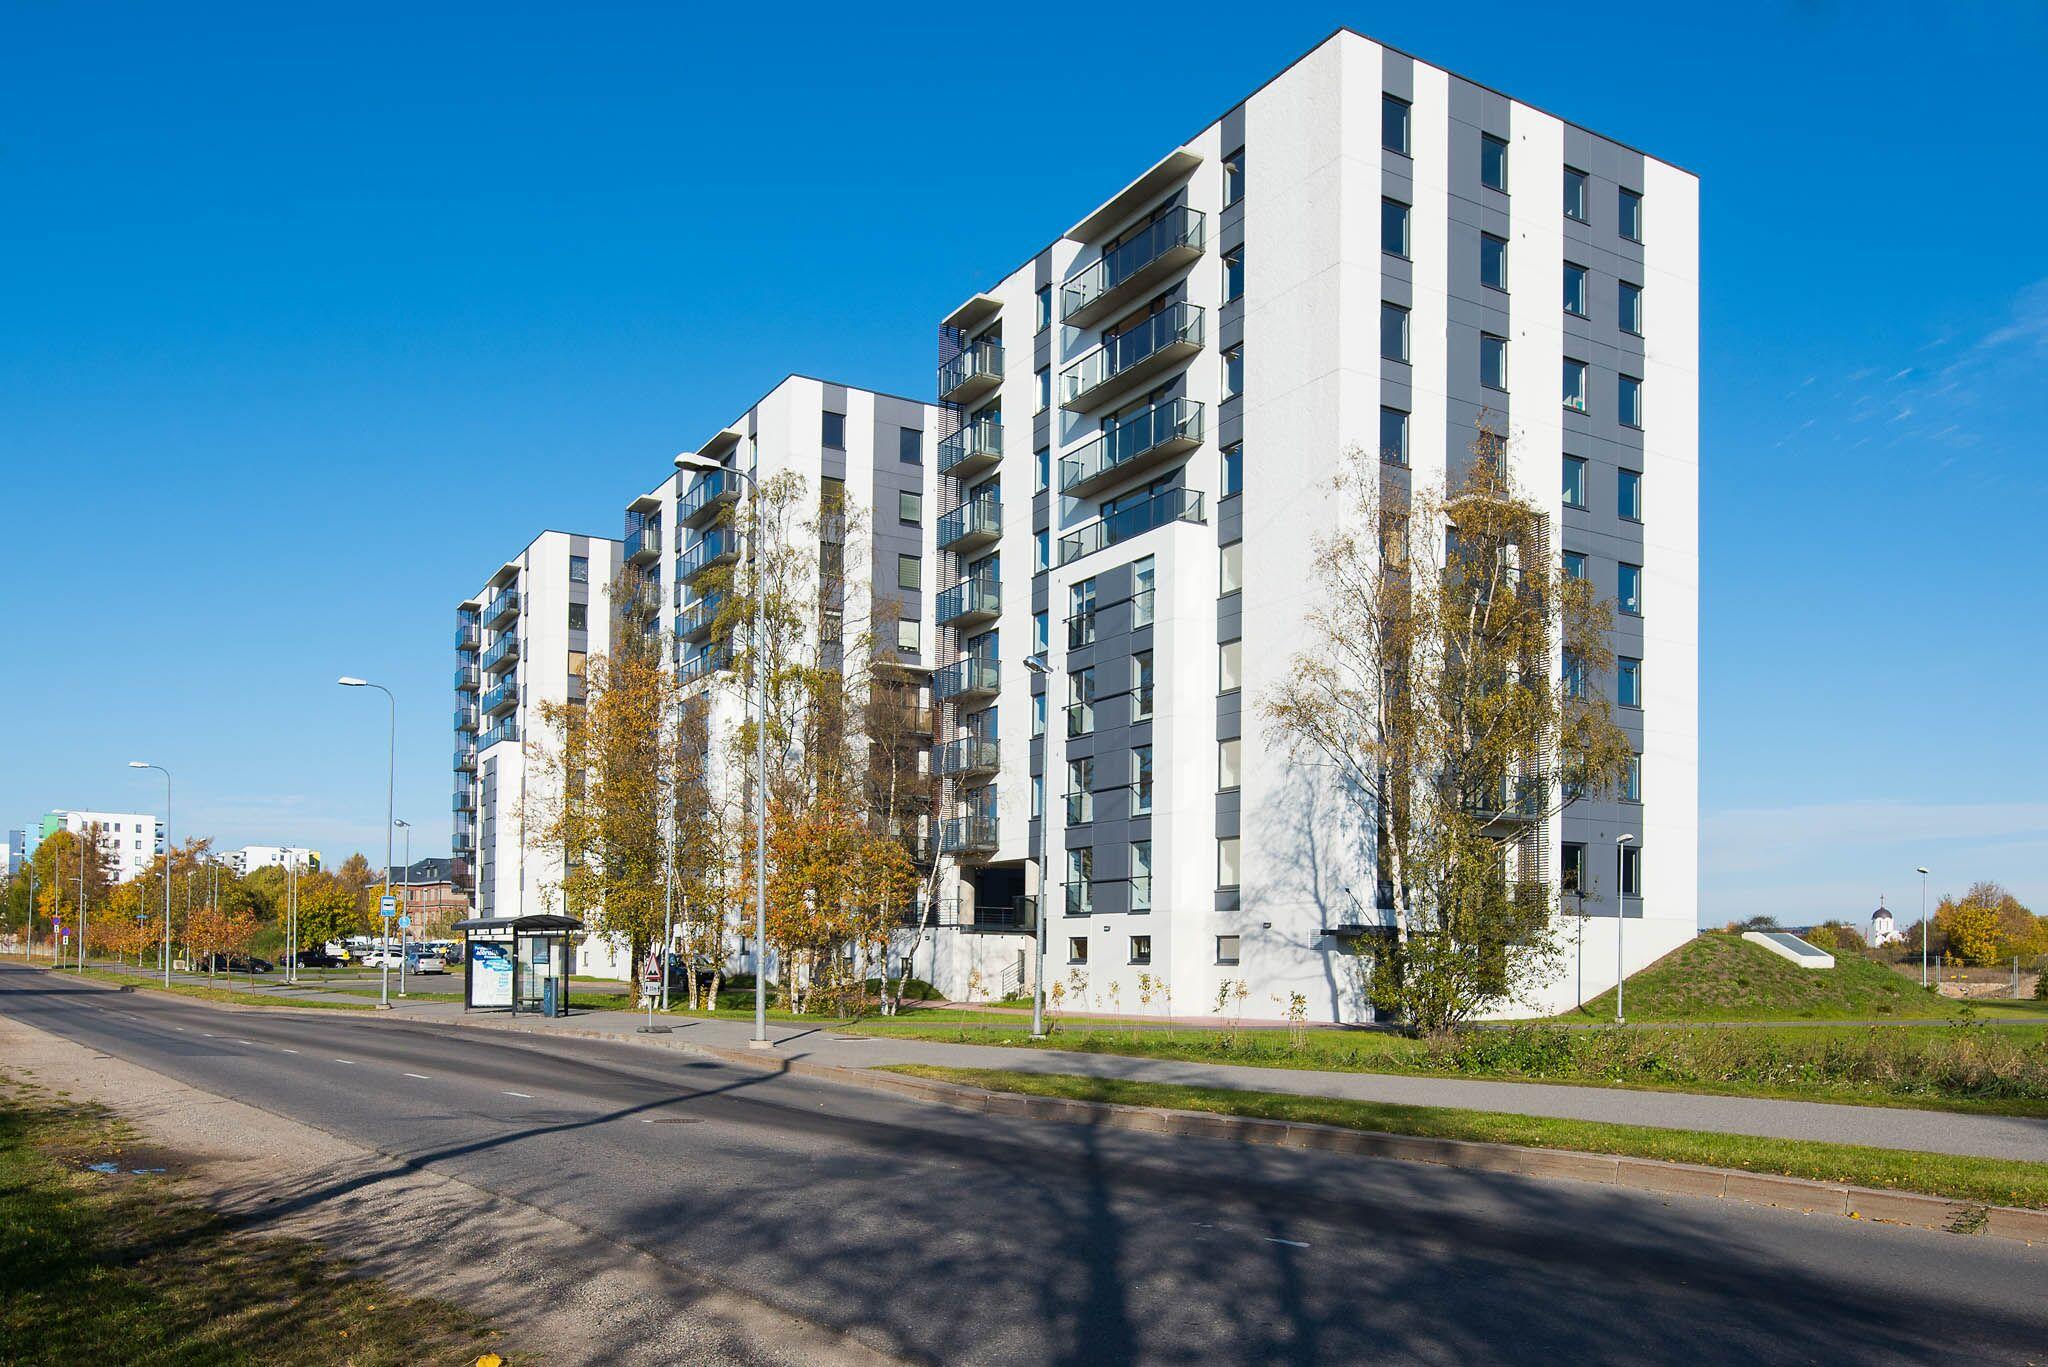 Jätkuvalt Tallinna suurima arenguvõimega kinnisvaraturu piirkond saab uue kortermaja.